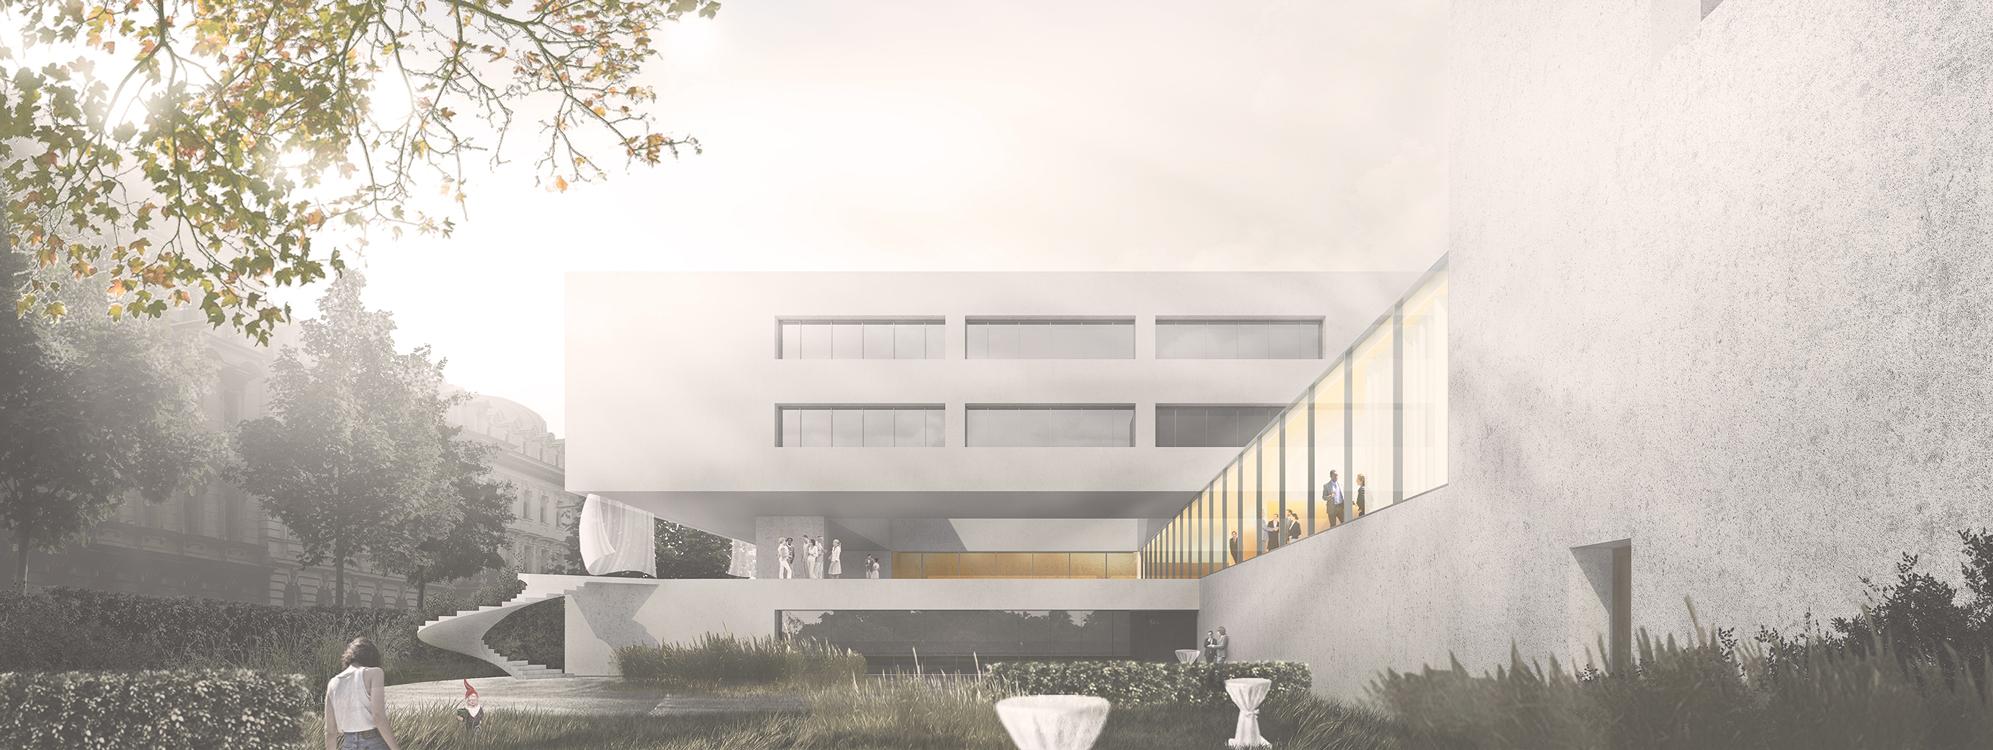 Architekten In Leipzig schulz und schulz architekten bda gegründet 1992 bürositz in leipzig